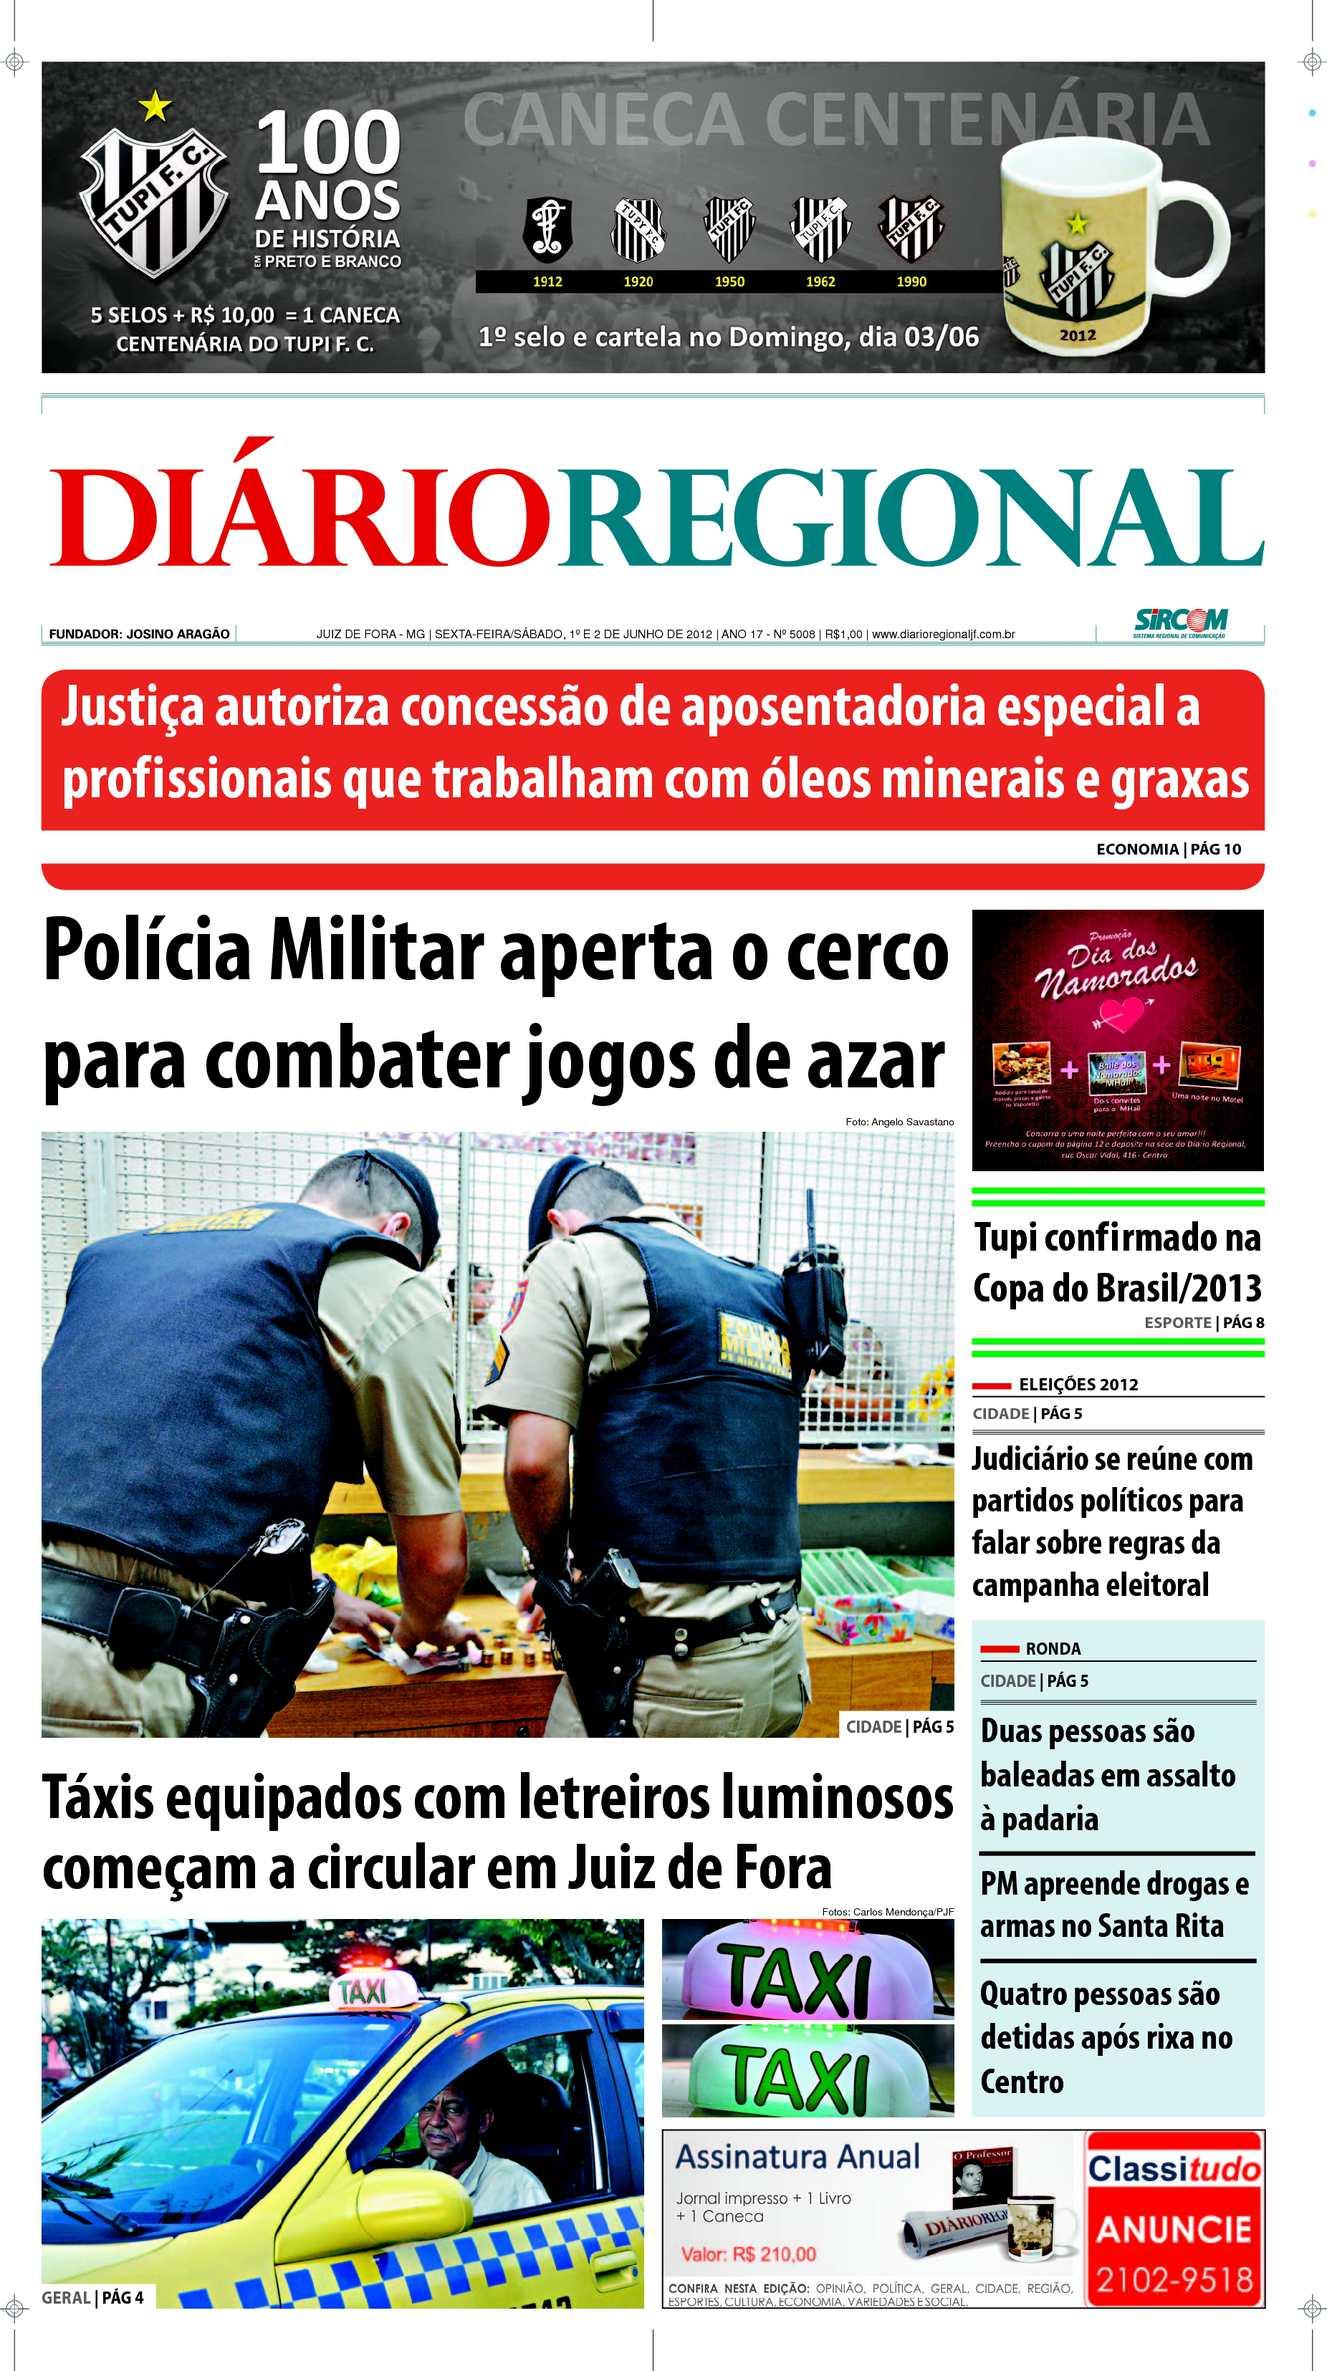 Calaméo - Edição 01 e 02 06 2012 6632d5bfaa49f